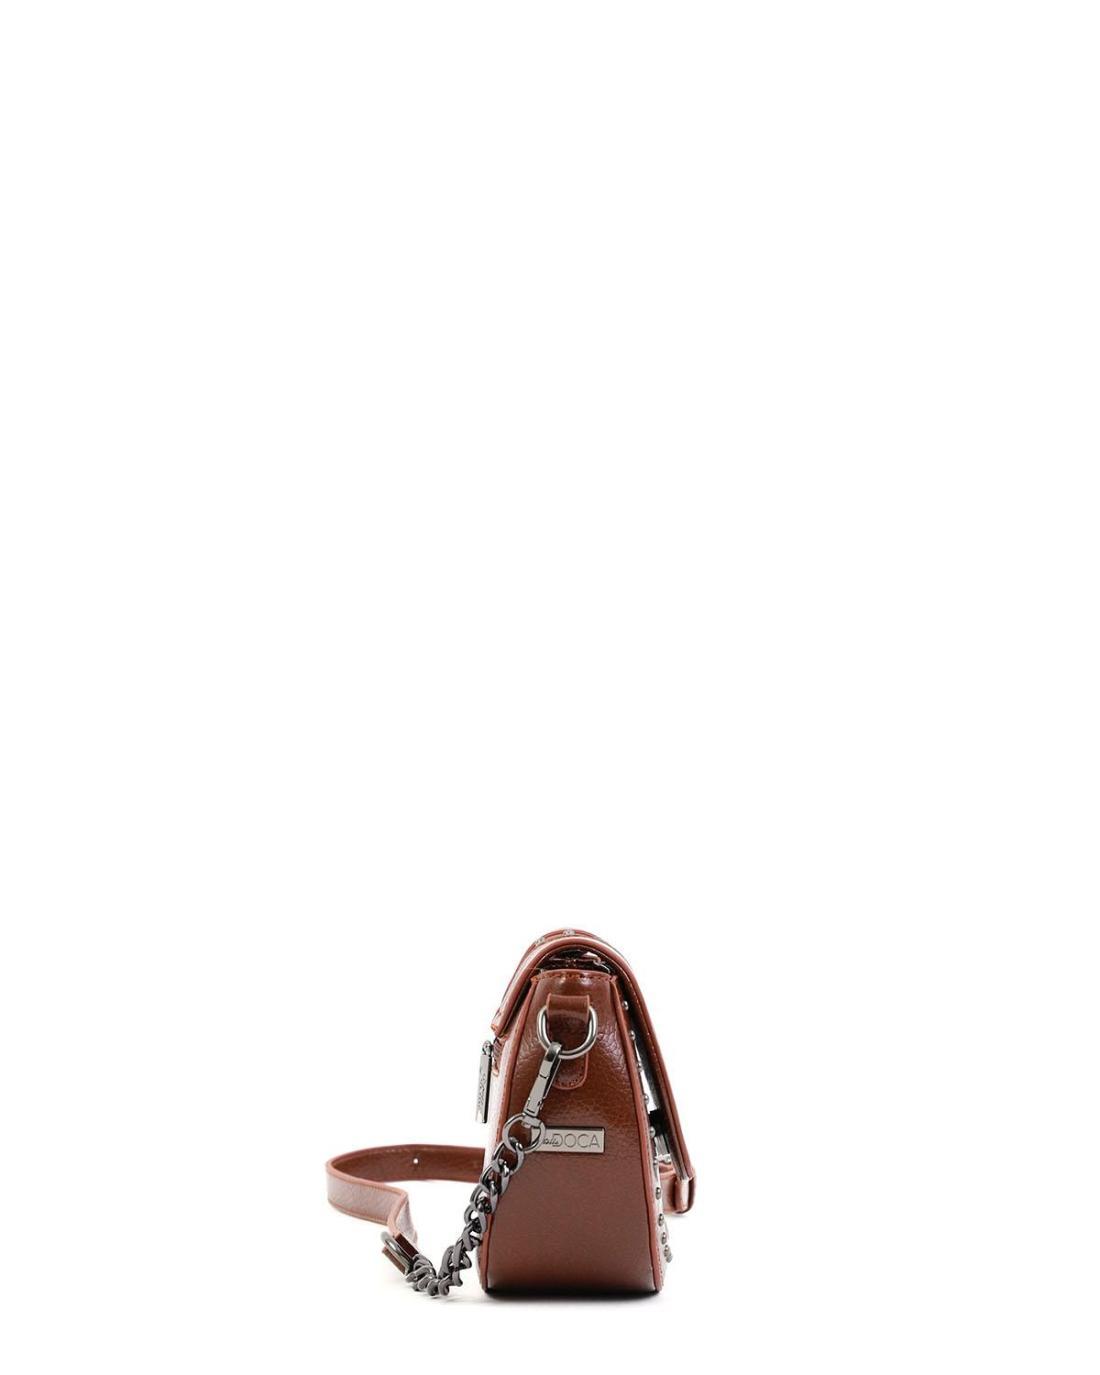 Τσάντα χιαστί καφέ